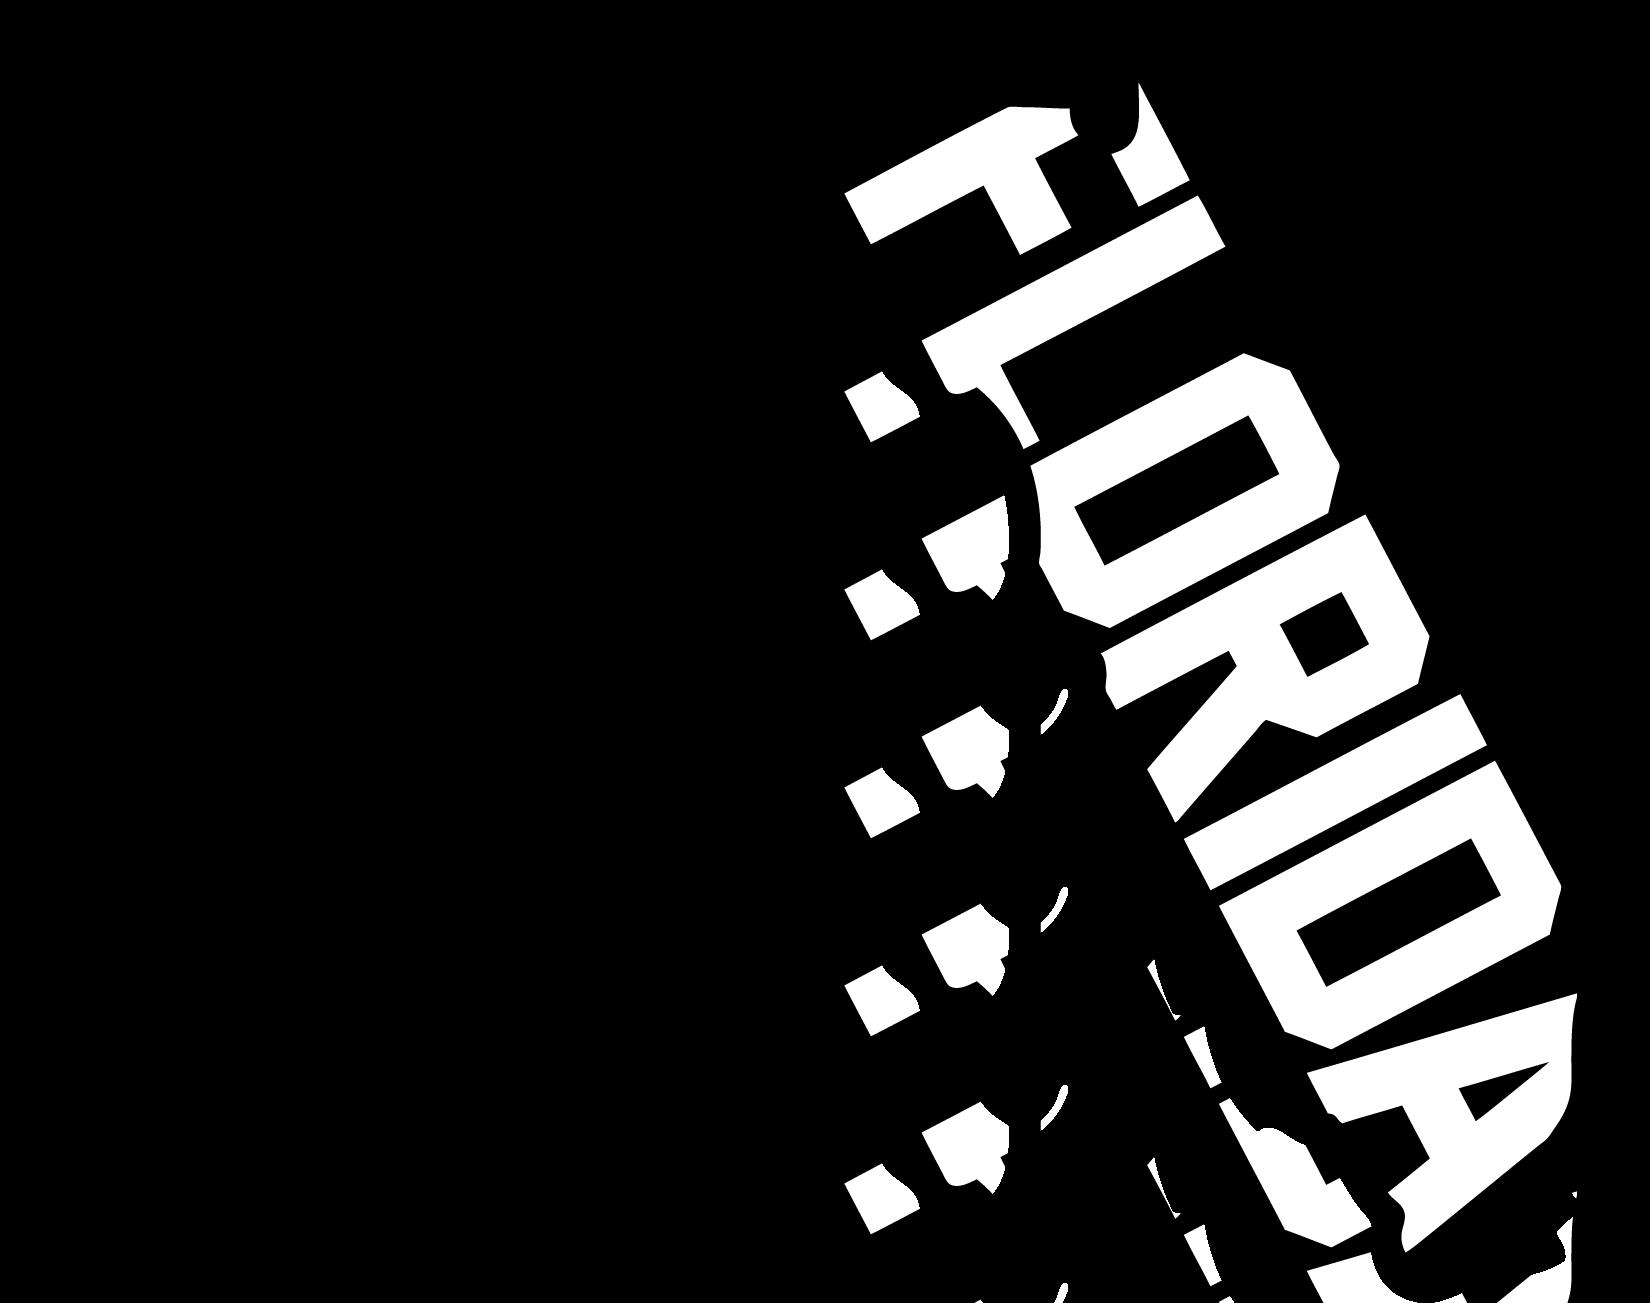 Florida clipart sad. Fresh idea clip art